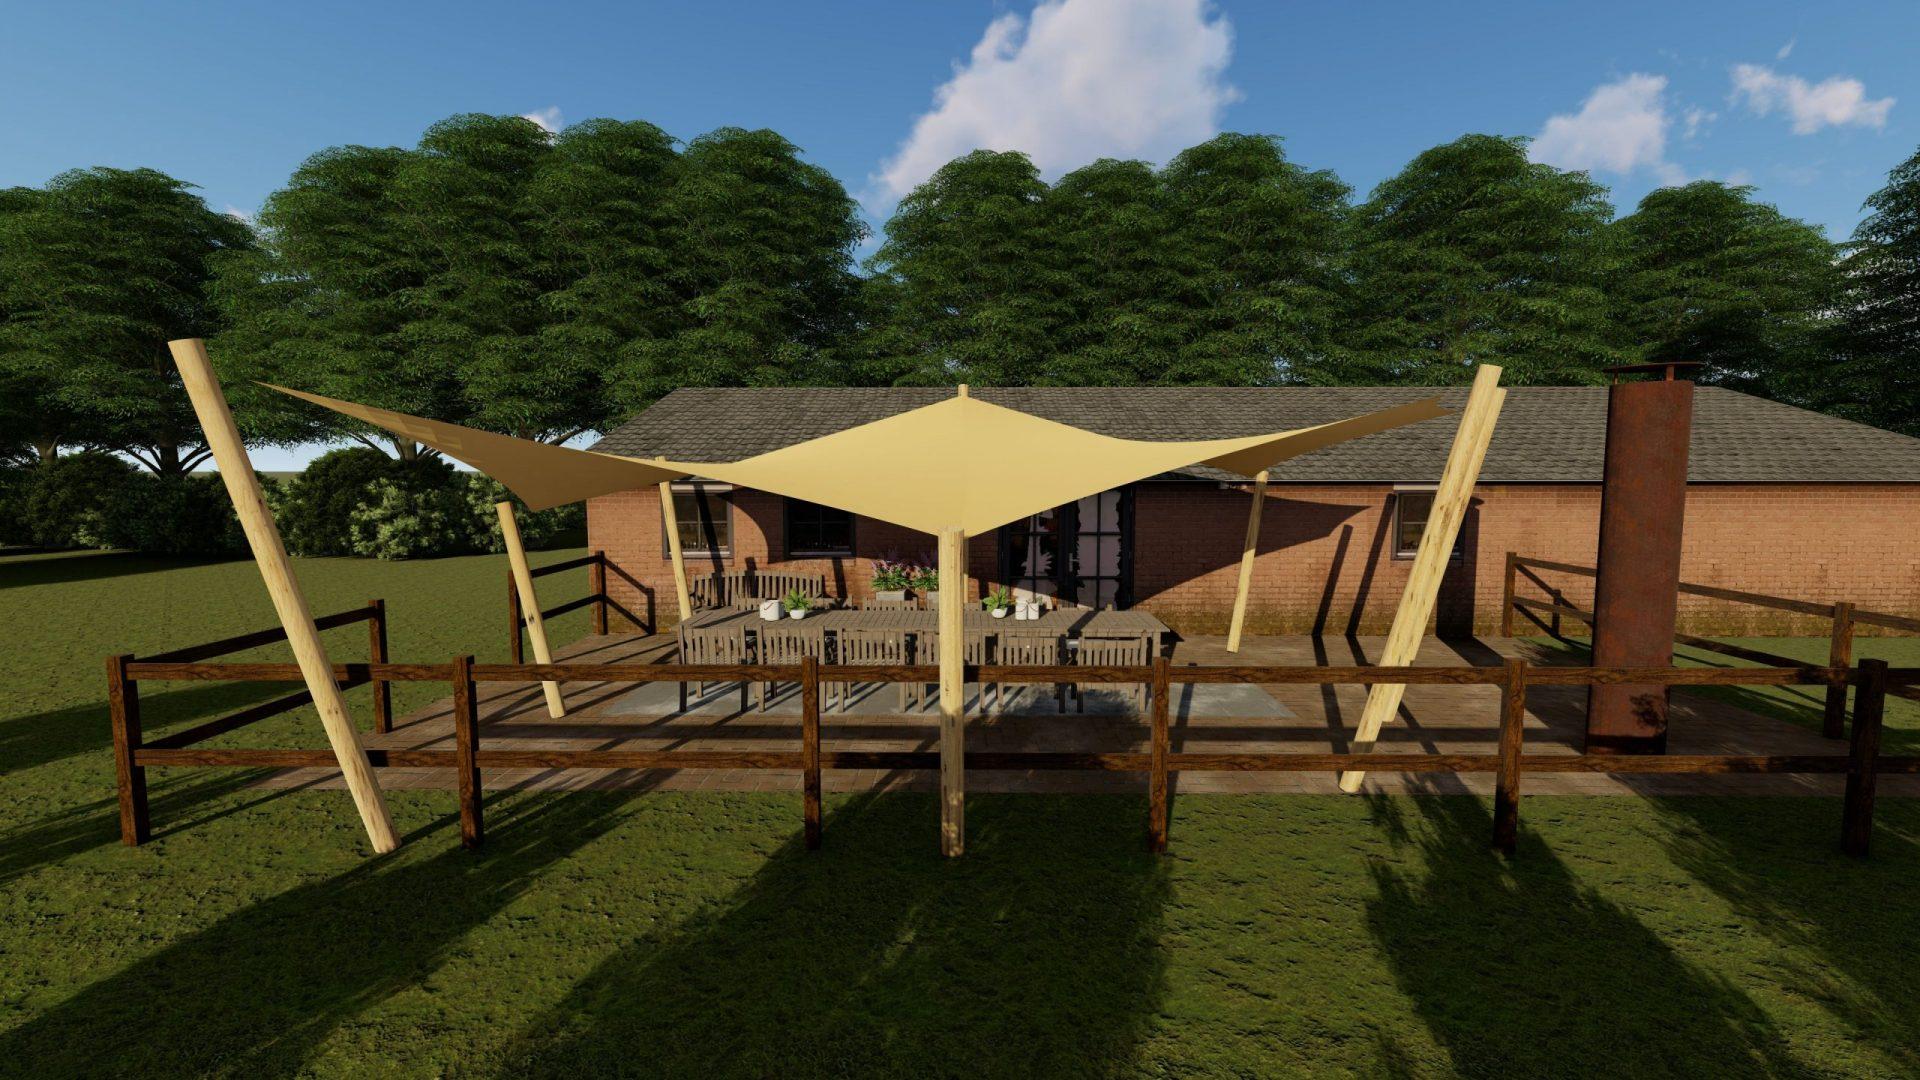 EPIC Living Garden Shelters - Biltmore 3D 1